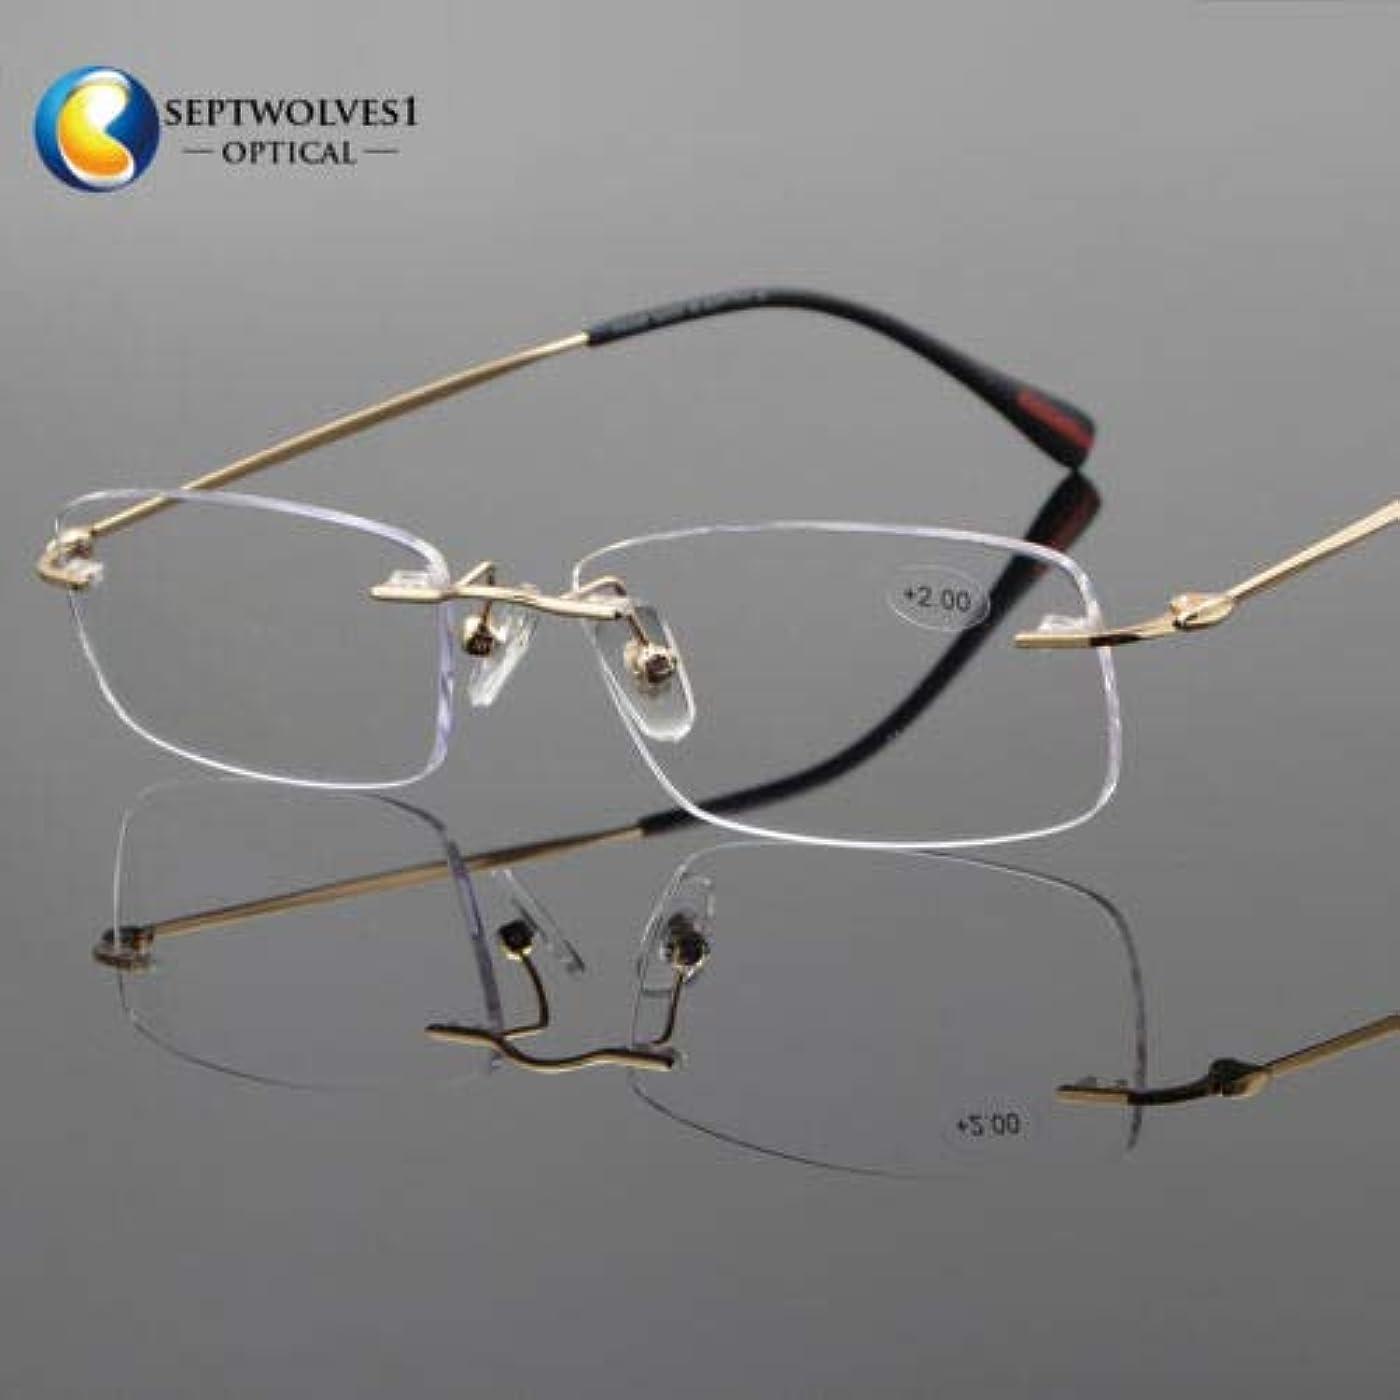 FidgetGear 新しいβチタン縁なし老眼鏡UV400コーティングレンズリーダー+0.00?+ 5.00 ゴールド